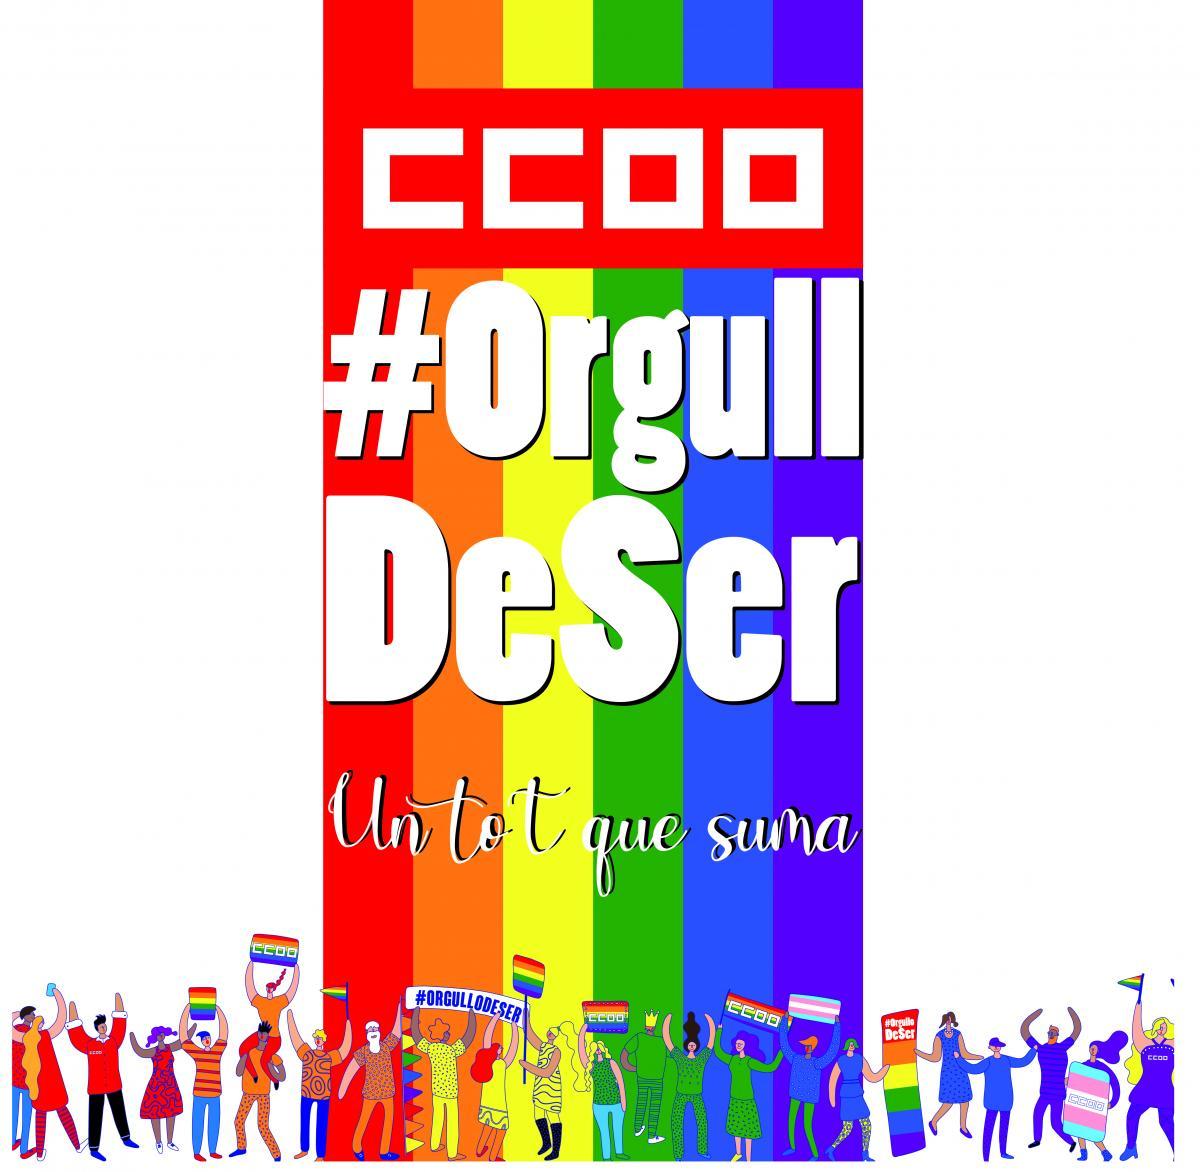 https://www.pv.ccoo.es/f16180aeb964281785a9936ebbbbcf68000053.jpg